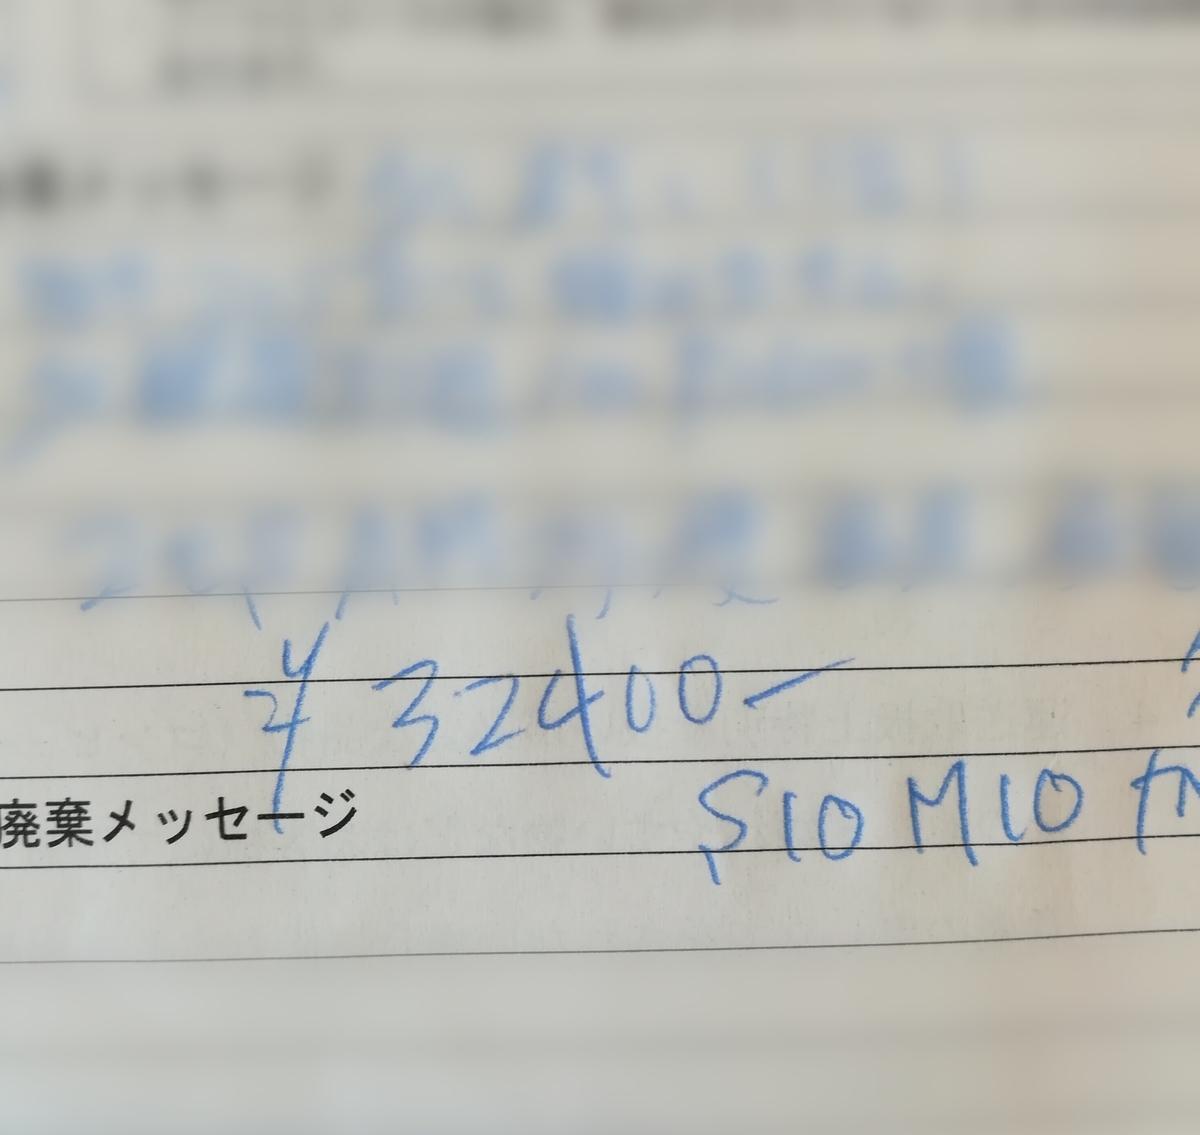 f:id:mori-no-kuma:20190924225116j:plain